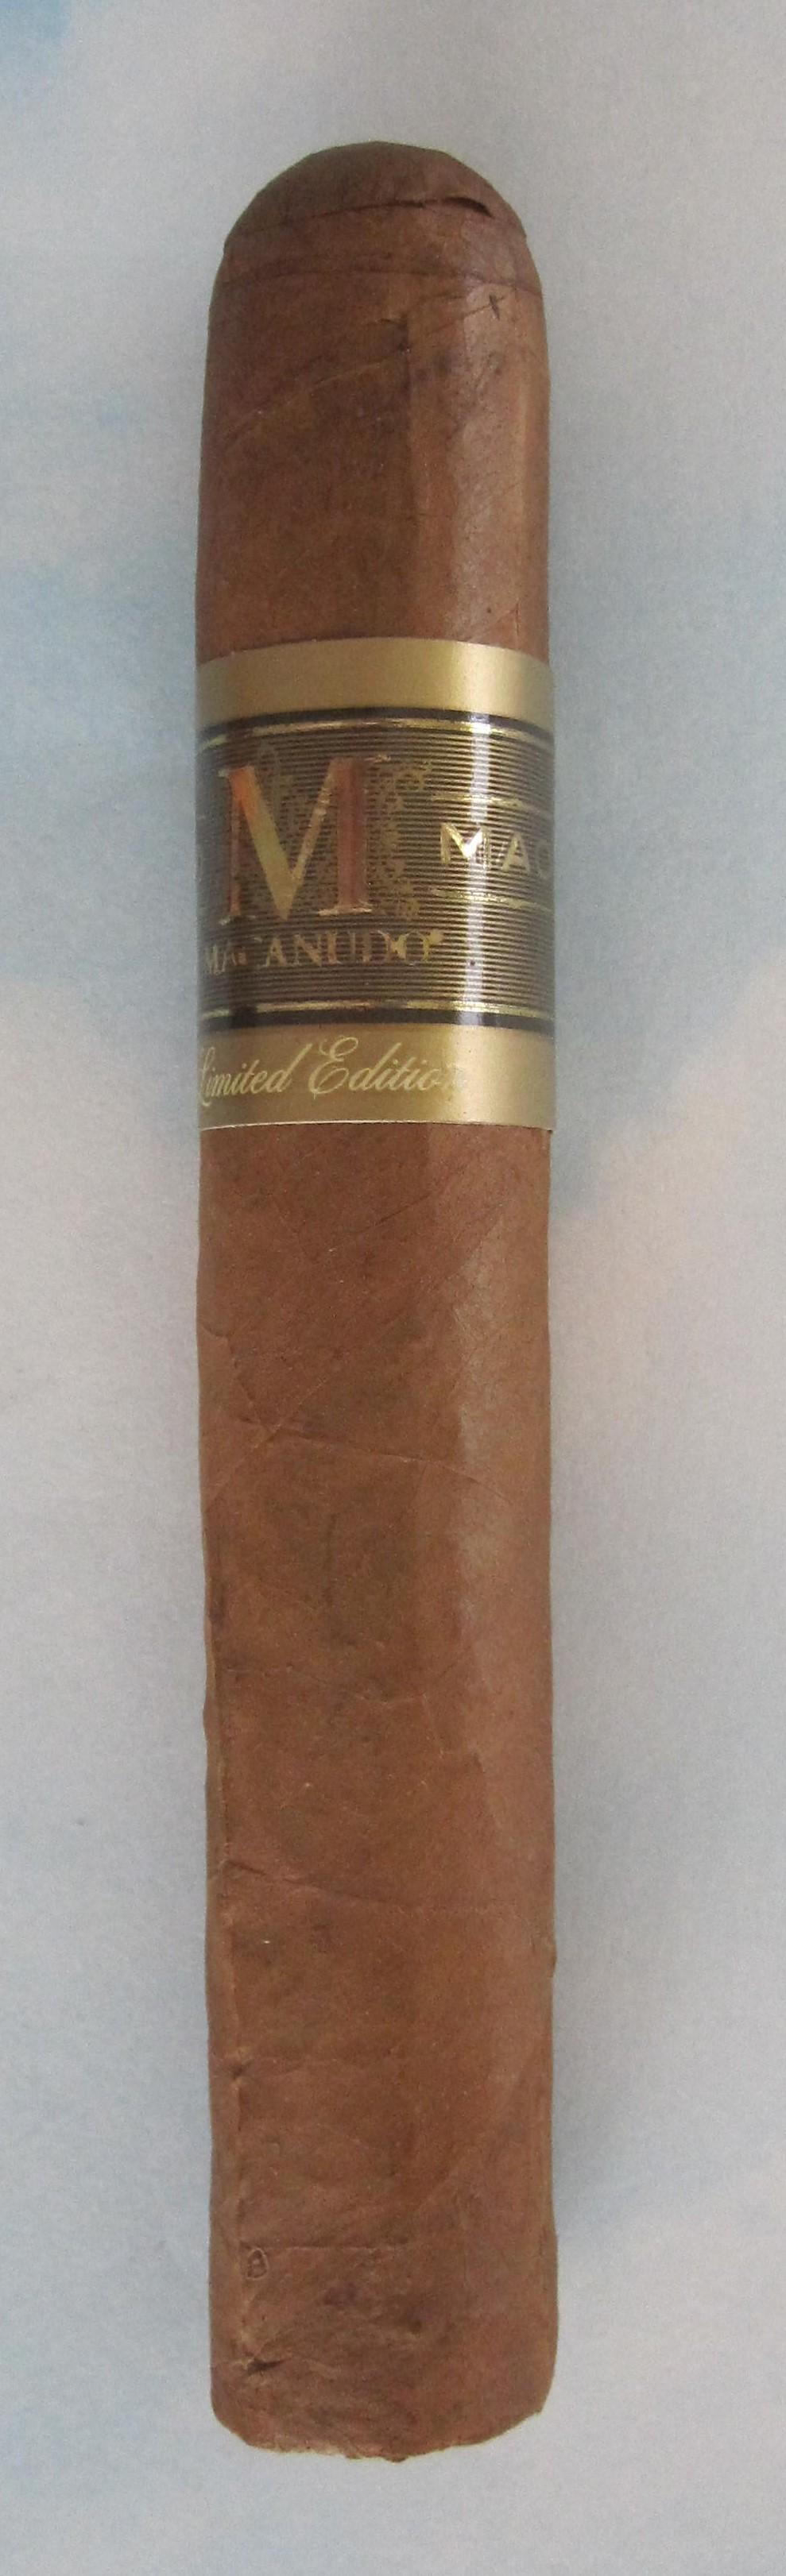 Macanudo Mao Cigar